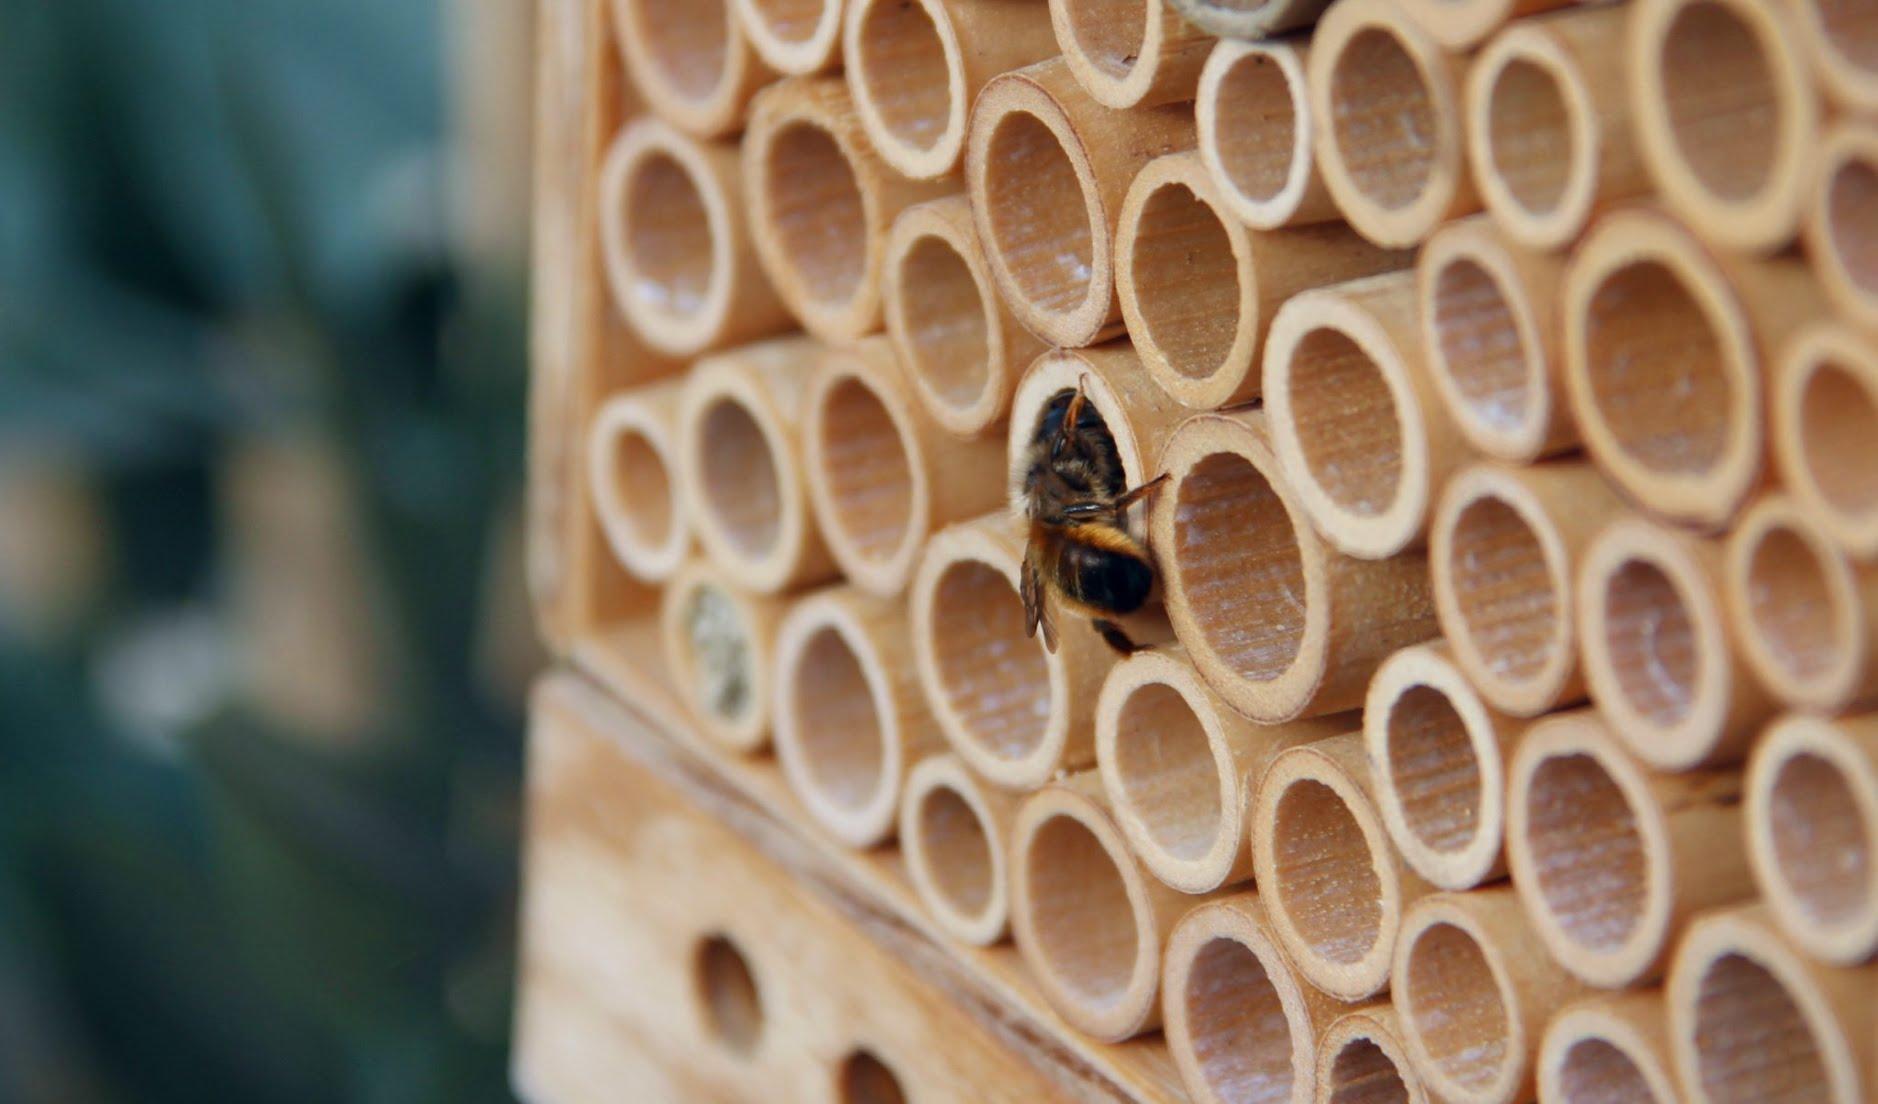 Les abeilles de la BeeHome ne piquent pas